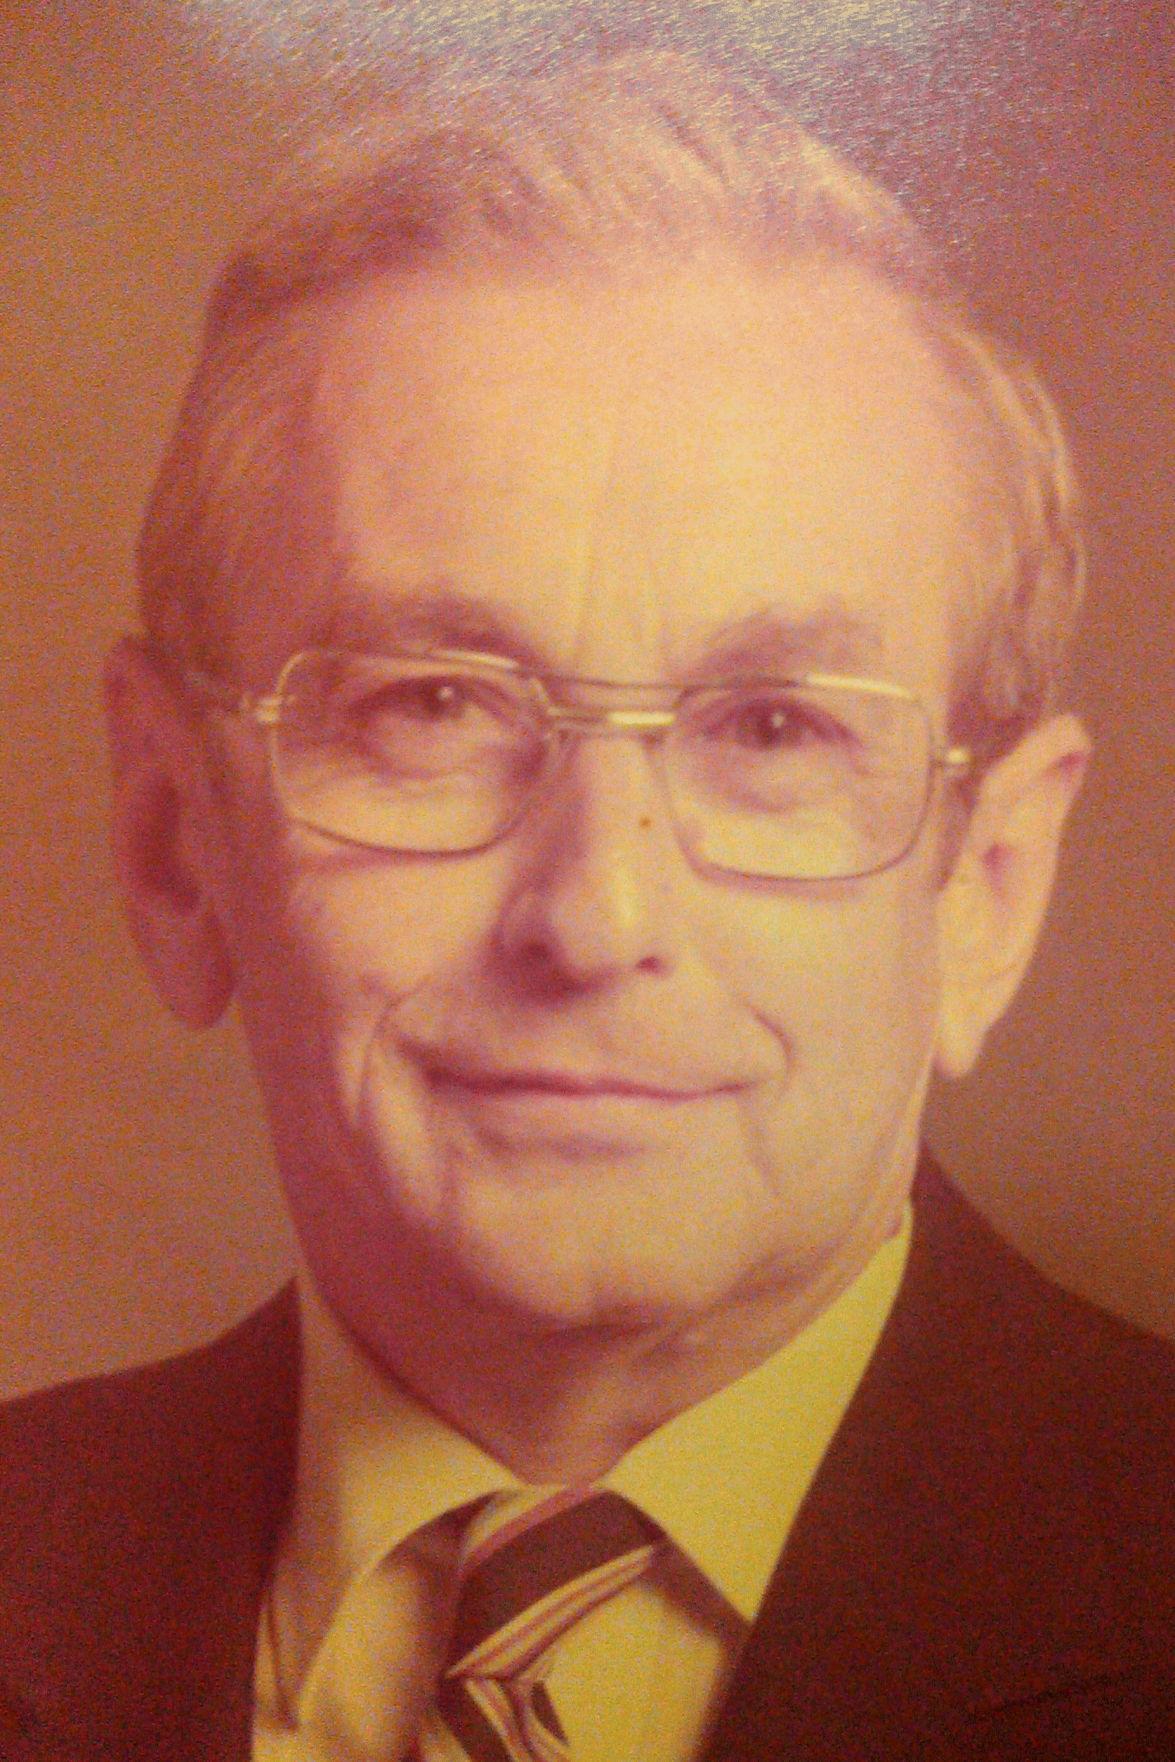 Robert Hench